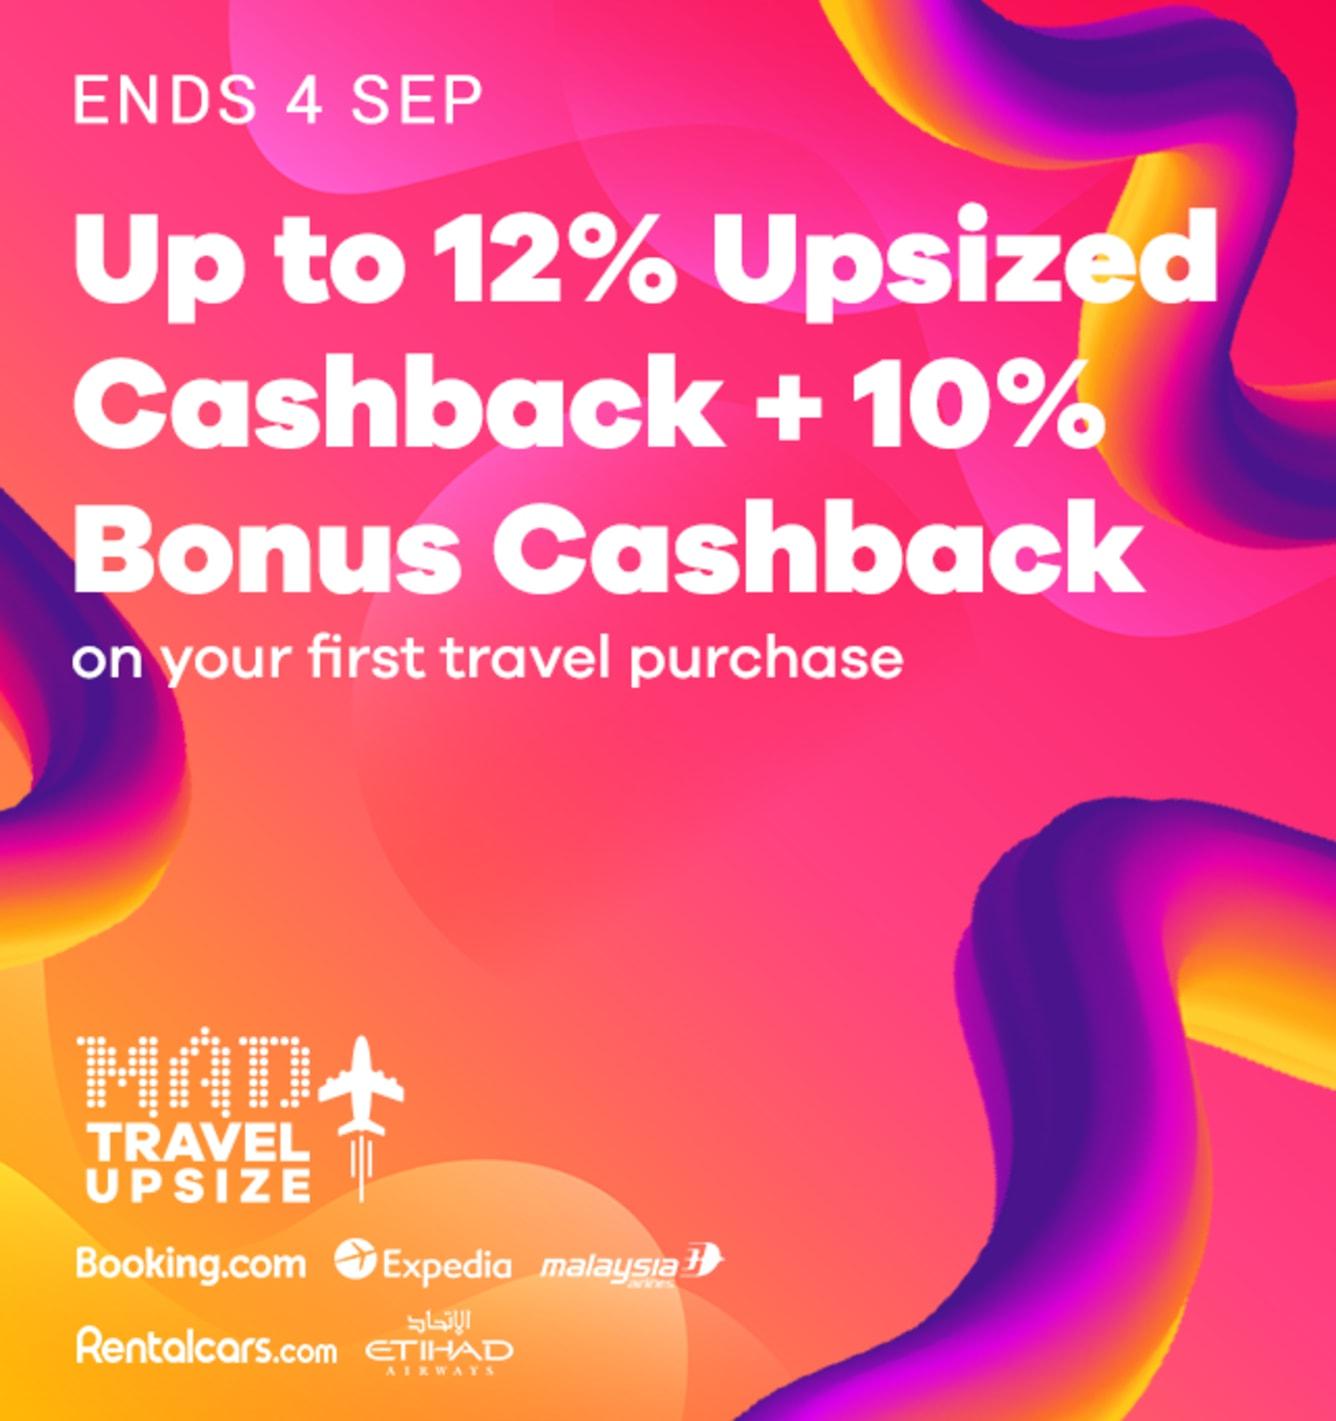 Travel Fair New Customer Bonus Cashback - ShopBack